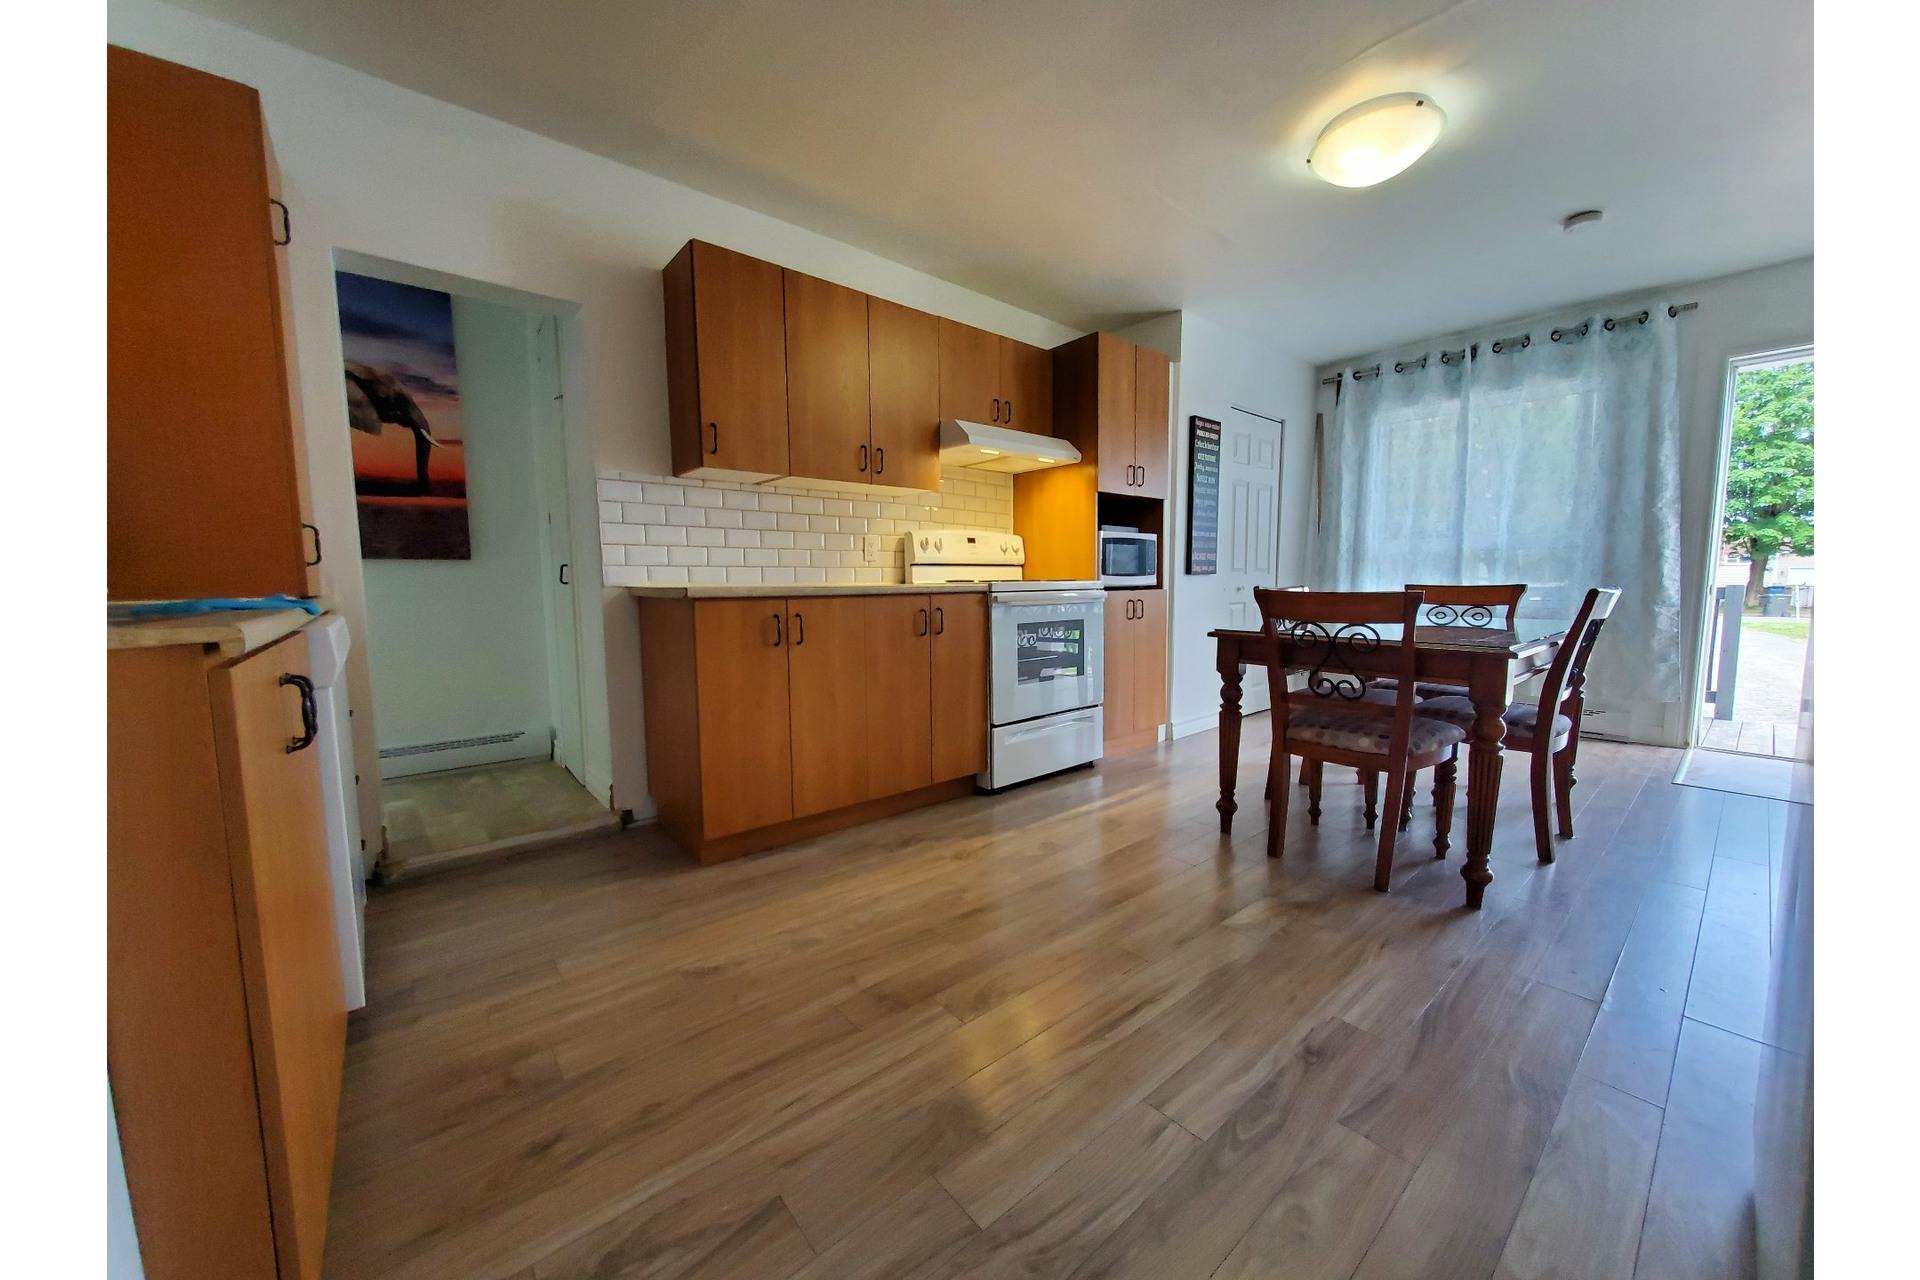 image 3 - Duplex For sale Trois-Rivières - 6 rooms